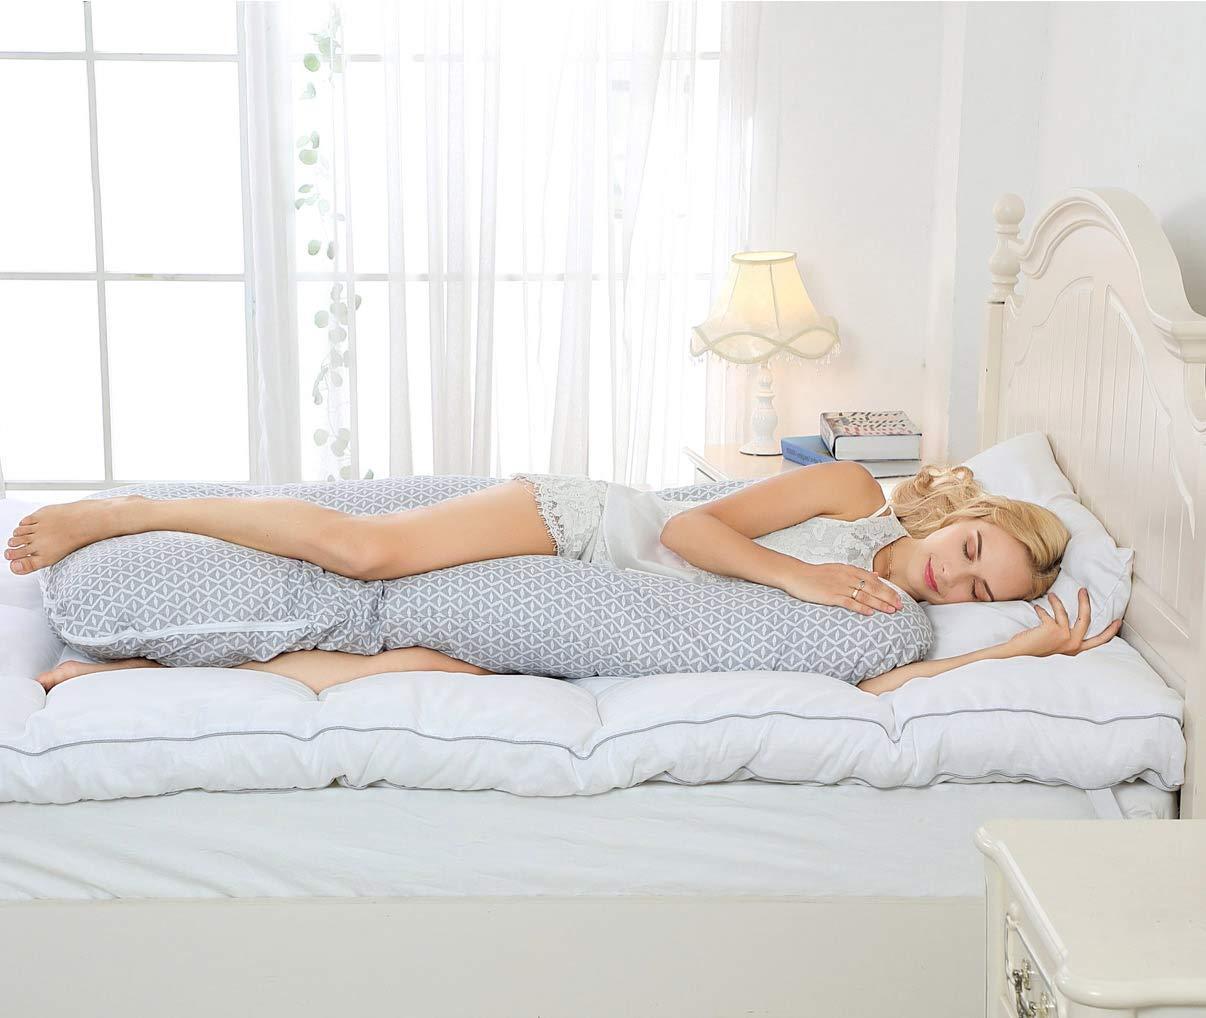 E by design PGN722BL44IV5-20 20 x 20-inch Wood Stripe Geometric Print Pillow 20x20 Blue